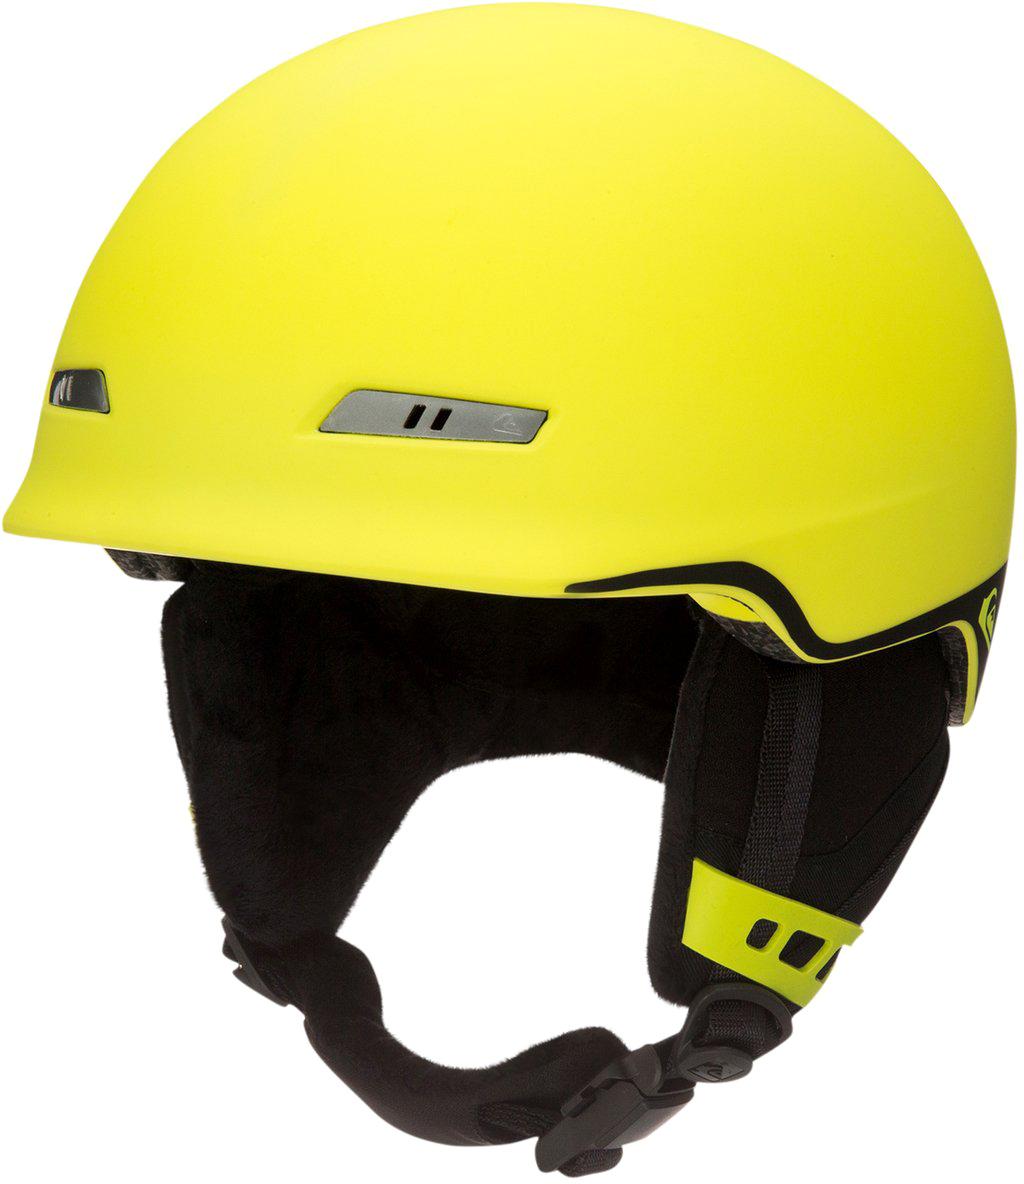 Шлем для горных лыж и сноуборда мужской Quiksilver. EQYTL03017-GGP0. Размер L (56-58)EQYTL03017-GGP0Шлем для горных лыж и сноуборда Quiksilver выполнен из материала двойной микрошелл сверхлегкой литой конструкции. Ударопоглощающий пенный полимер EPS обеспечивает безопасность.Предусмотрена пассивная вентиляция спереди и сзади. Подкладка выполнена из сетки и флисовой шерпы. Шлем оснащен мягкими термоформованными съемными накладками на уши. Система регулировки размера и воротник-гейтер.Стреп на подбородок выполнен из мягкой шерпы и оснащен застежкой системы Fidlock. Вес: 400 г. Сертификация: EN1077.Что взять с собой на горнолыжную прогулку: рассказывают эксперты. Статья OZON Гид